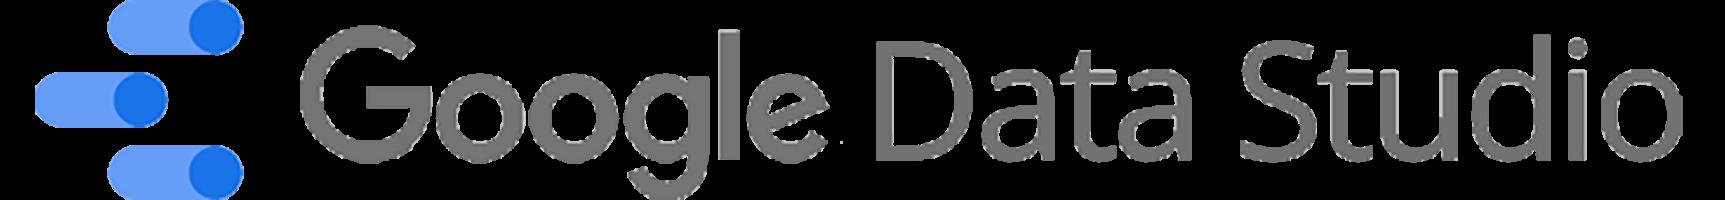 Google Data Studio : comment construire des tableaux de bord pour suivre ses performances et piloter son activité ?